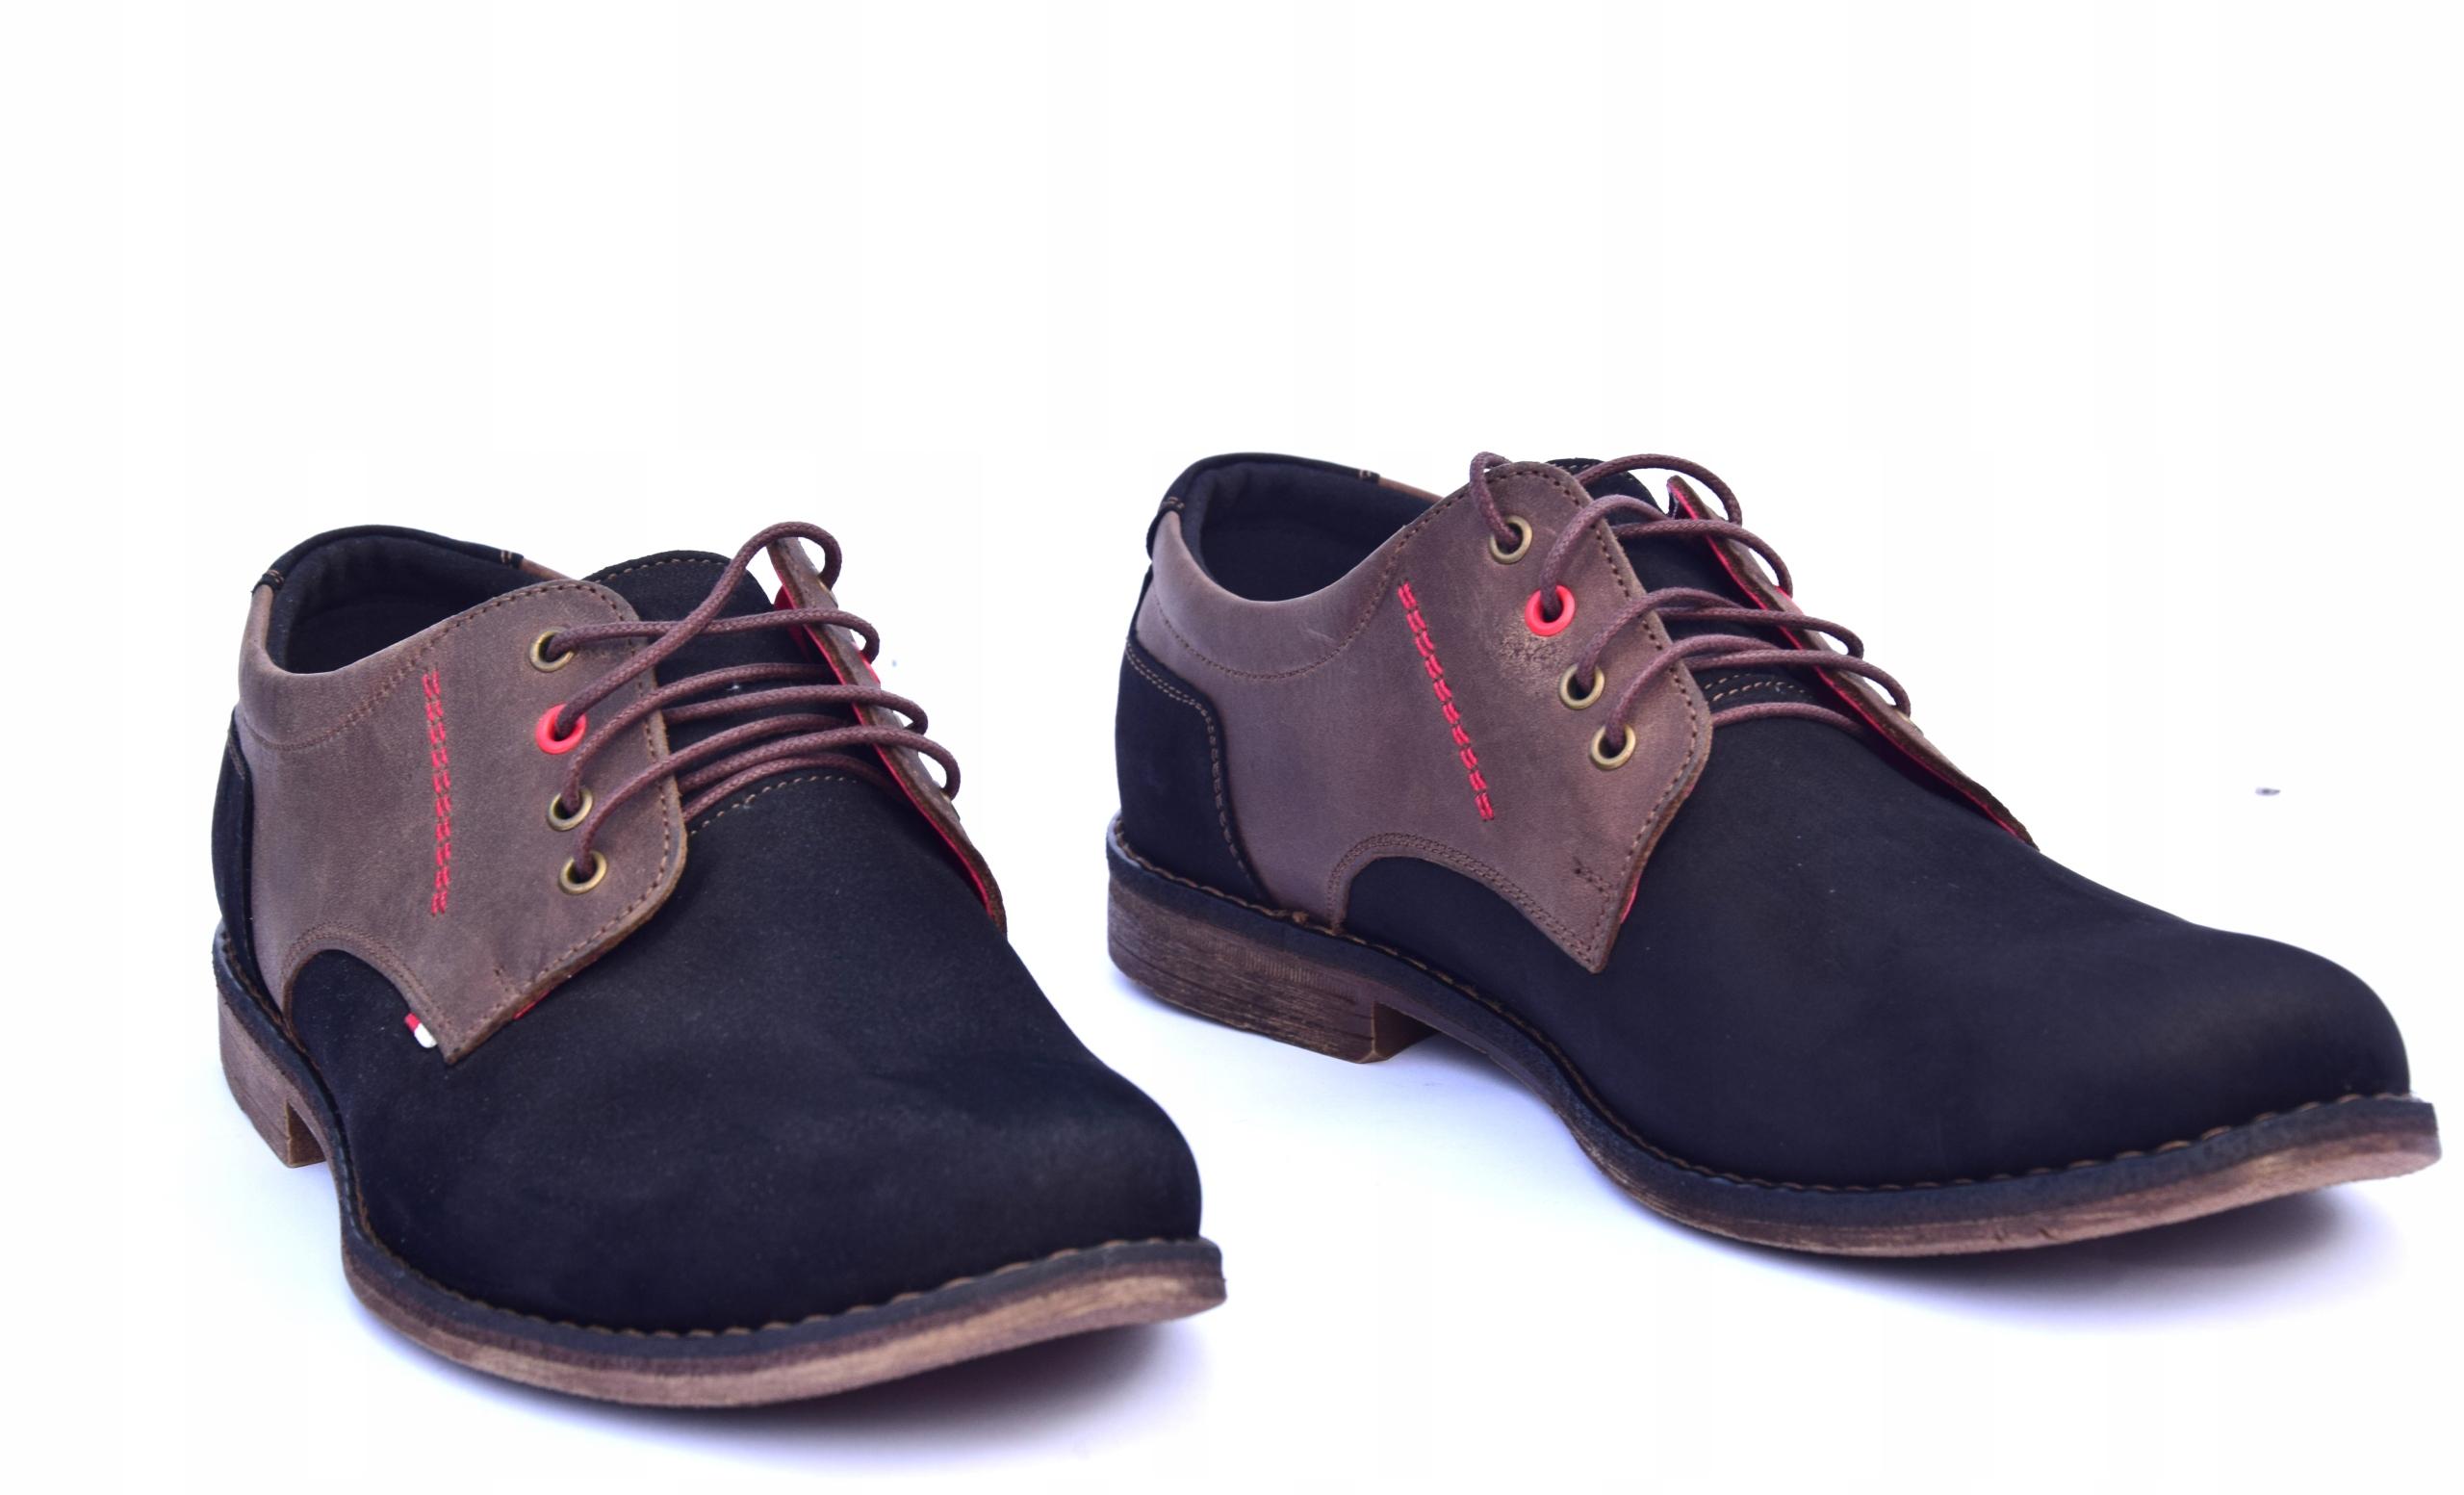 Buty skórzane męskie obuwie polskiej produkcji 258 Oryginalne opakowanie producenta pudełko